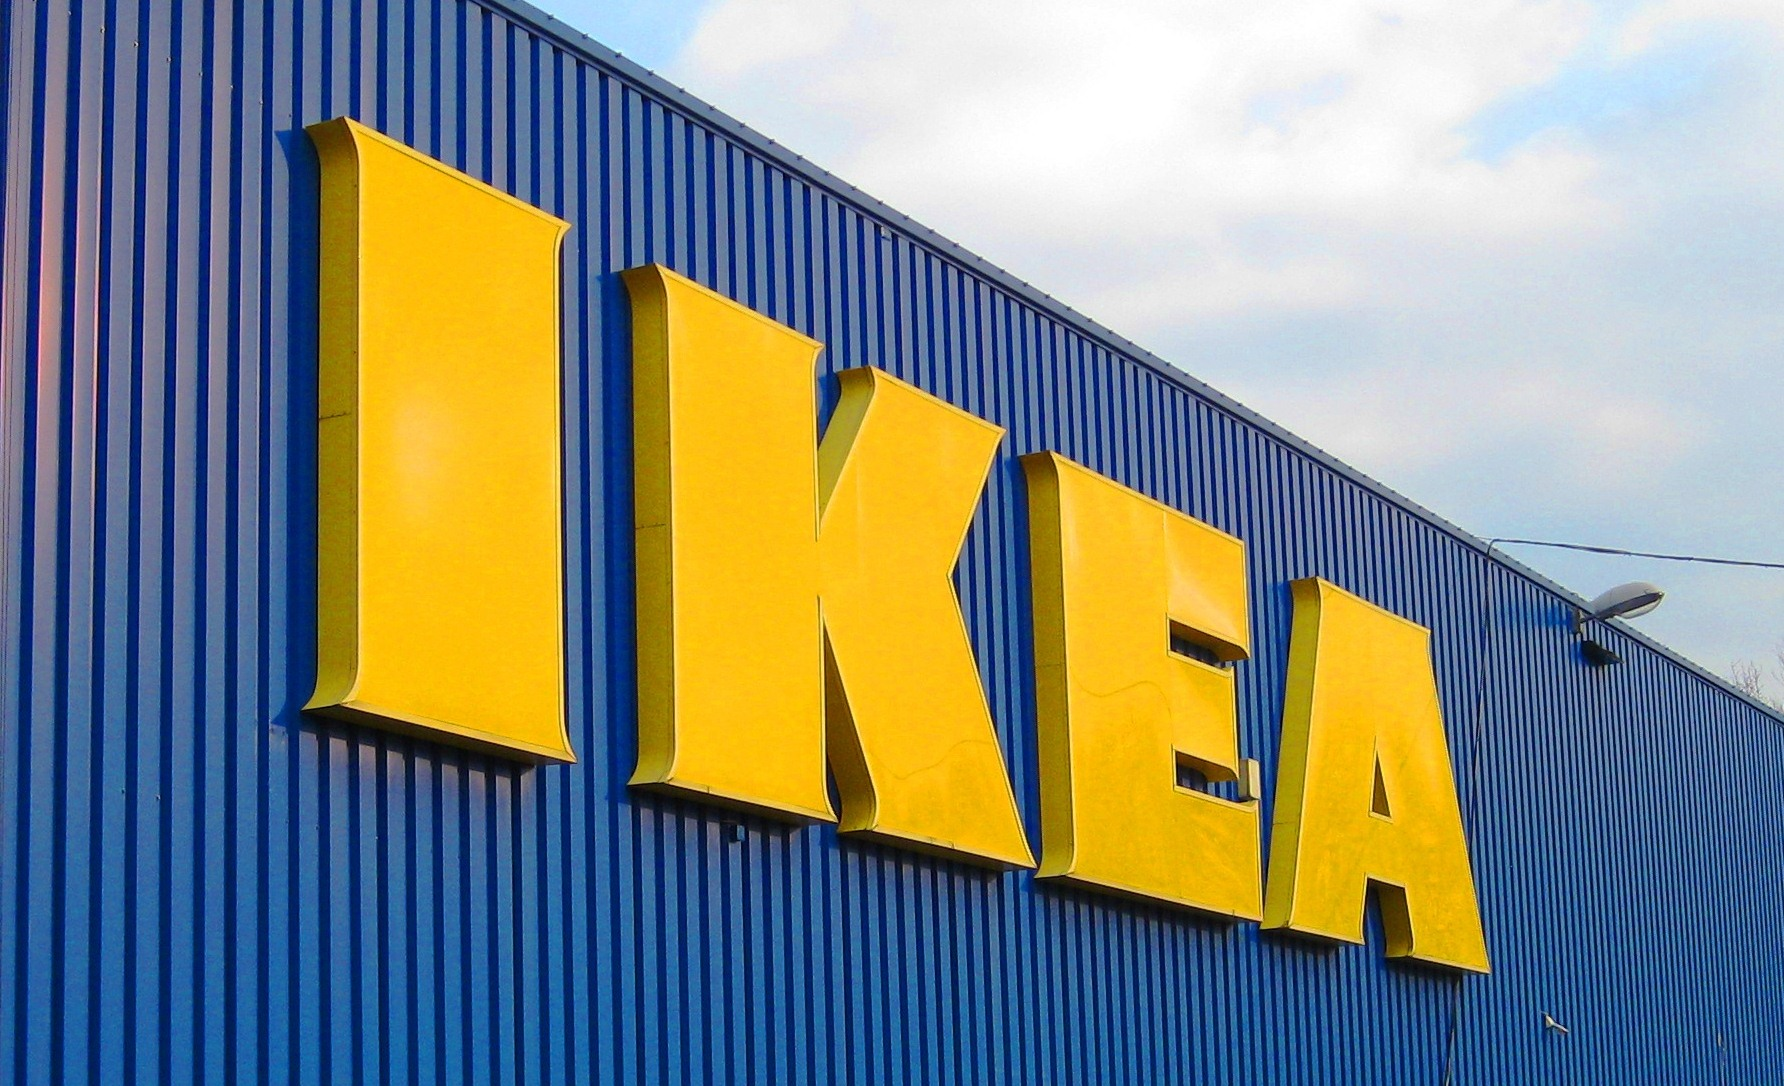 IKEA CONFERMA L'APERTURA A CAGLIARI NEL 2016